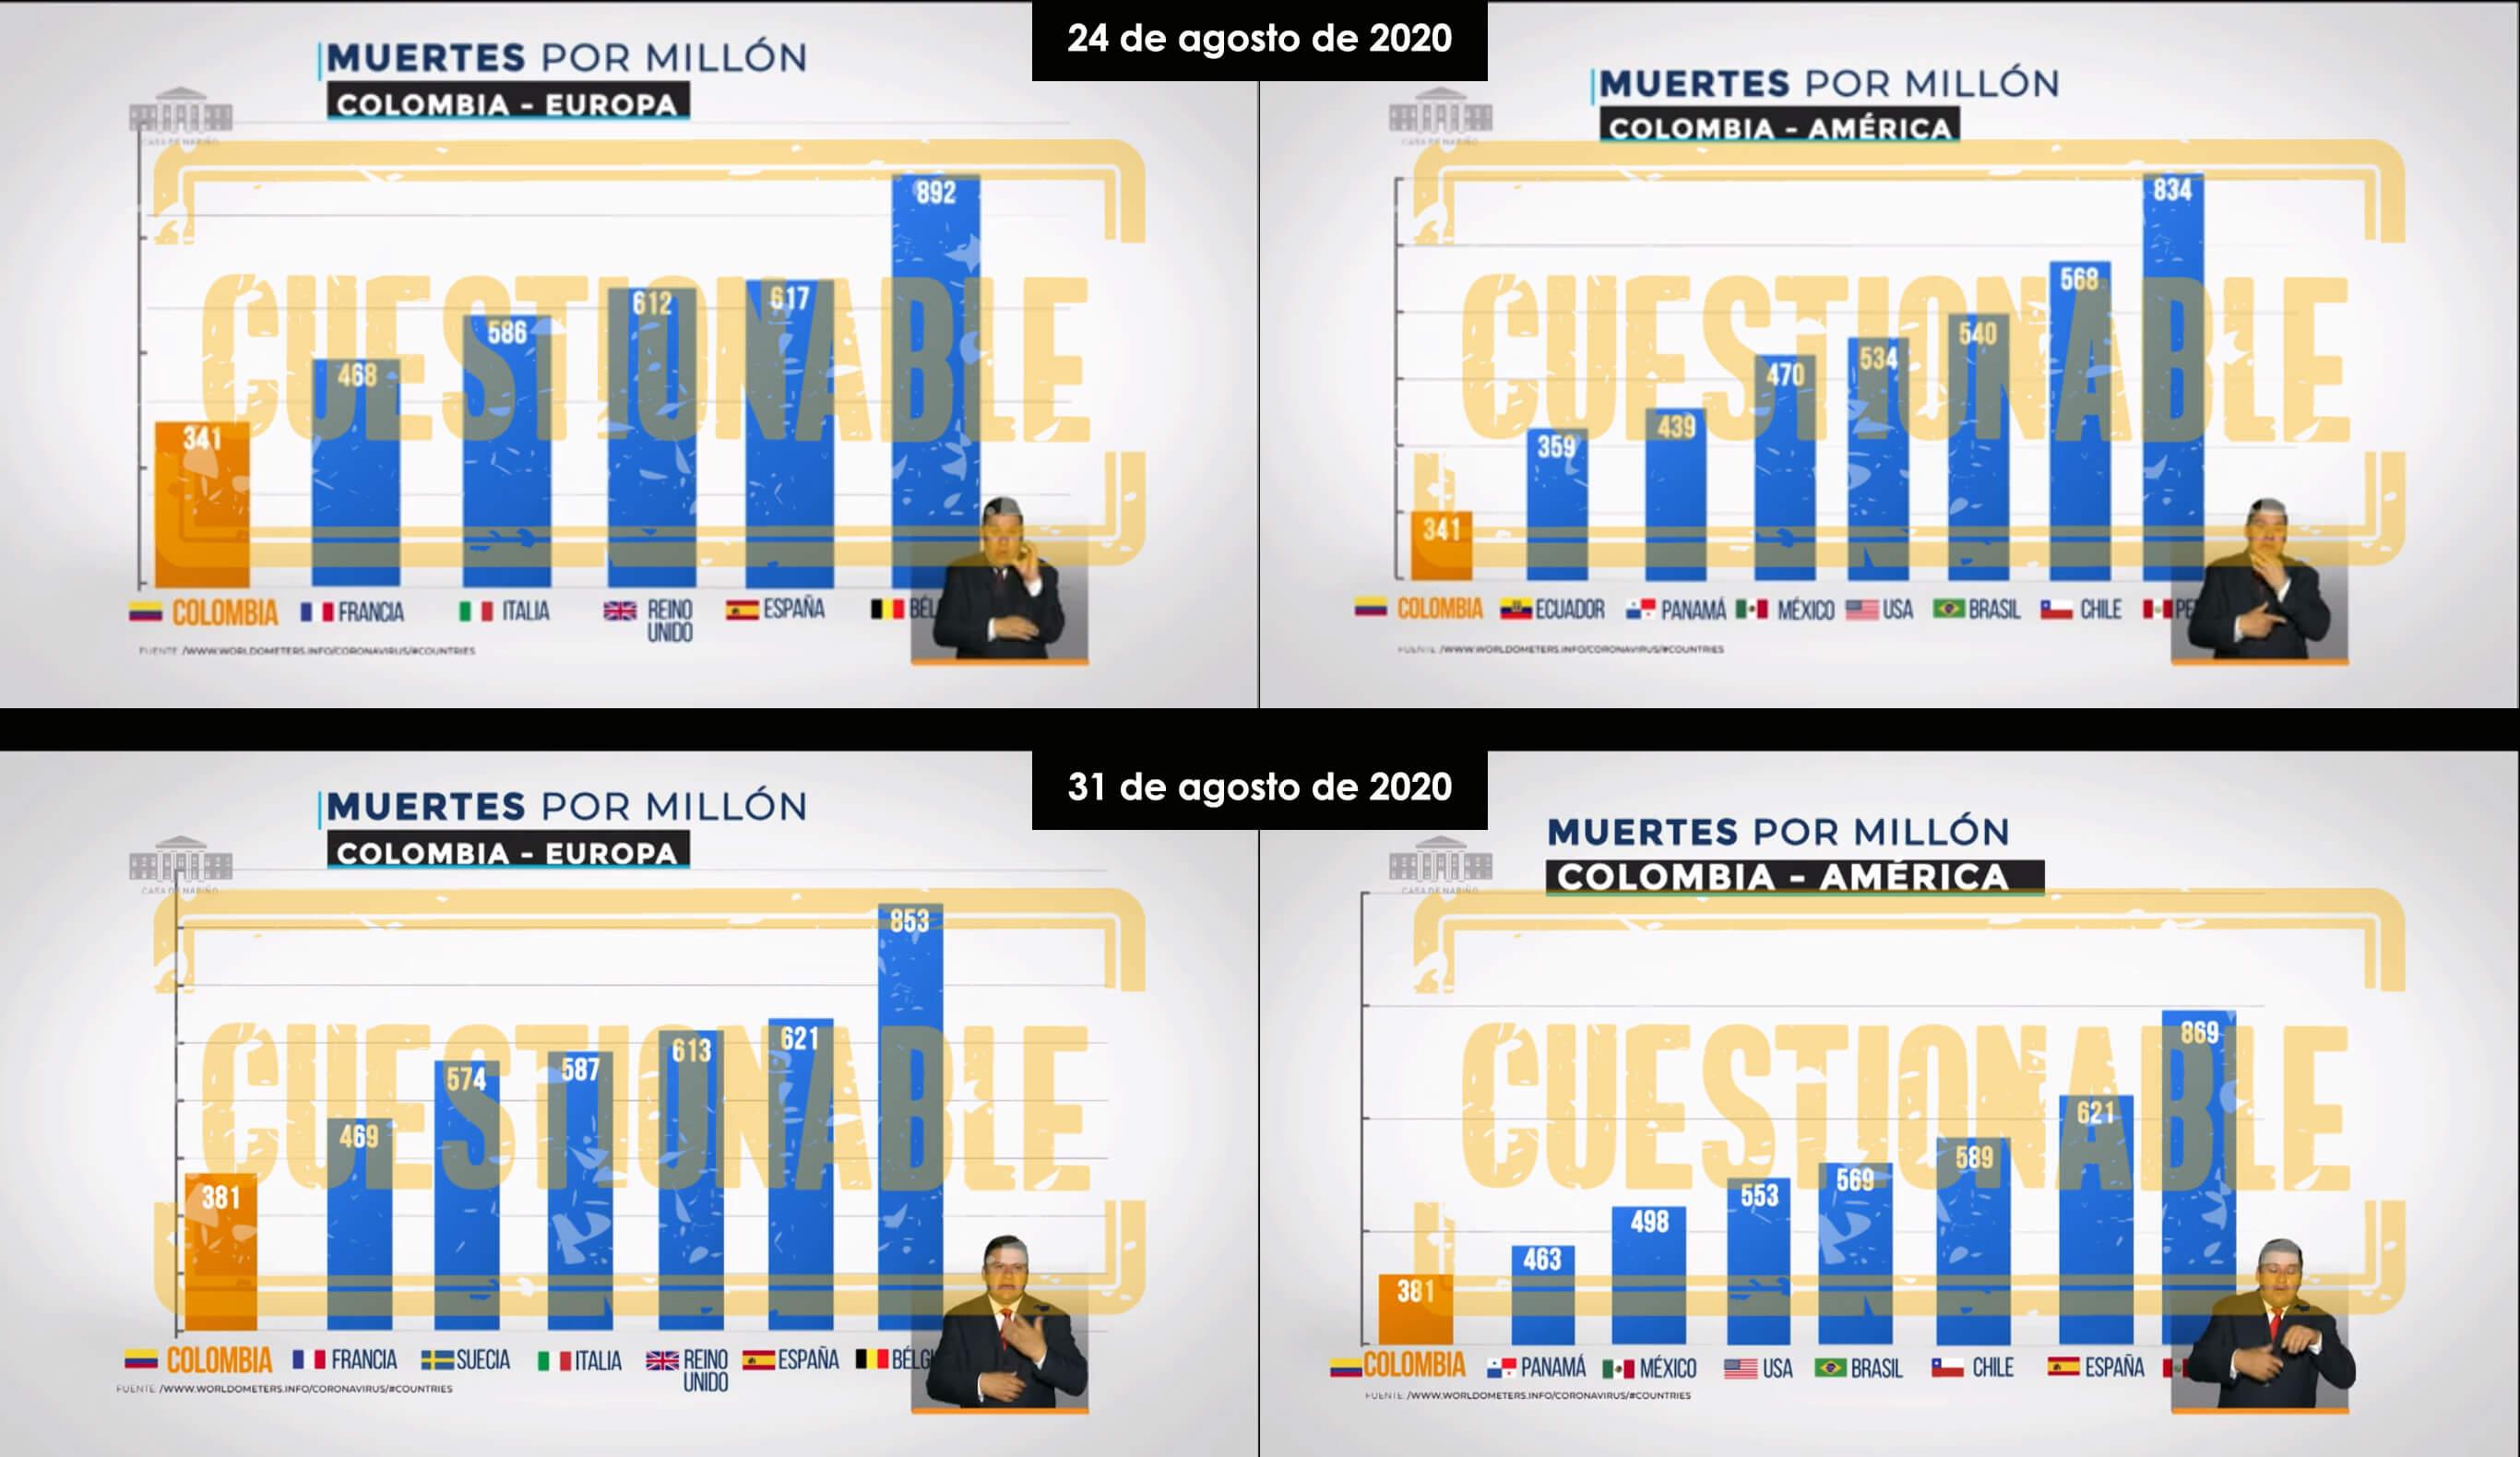 Gráficos muertes COVID-19 por millón de habitantes por países en Prevención y Acción el 24 y 31 de agosto de 2020